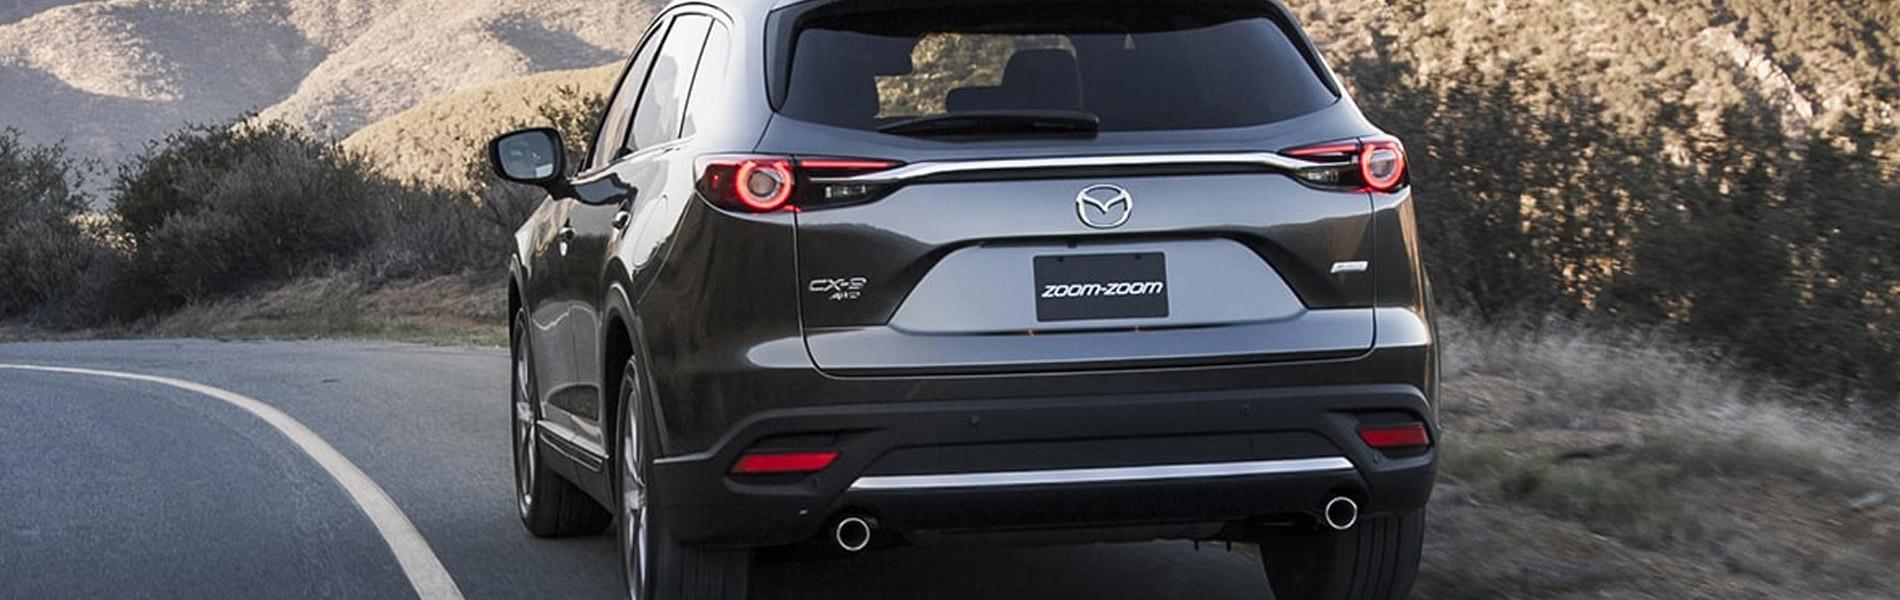 Mazda CX-9 Image 2